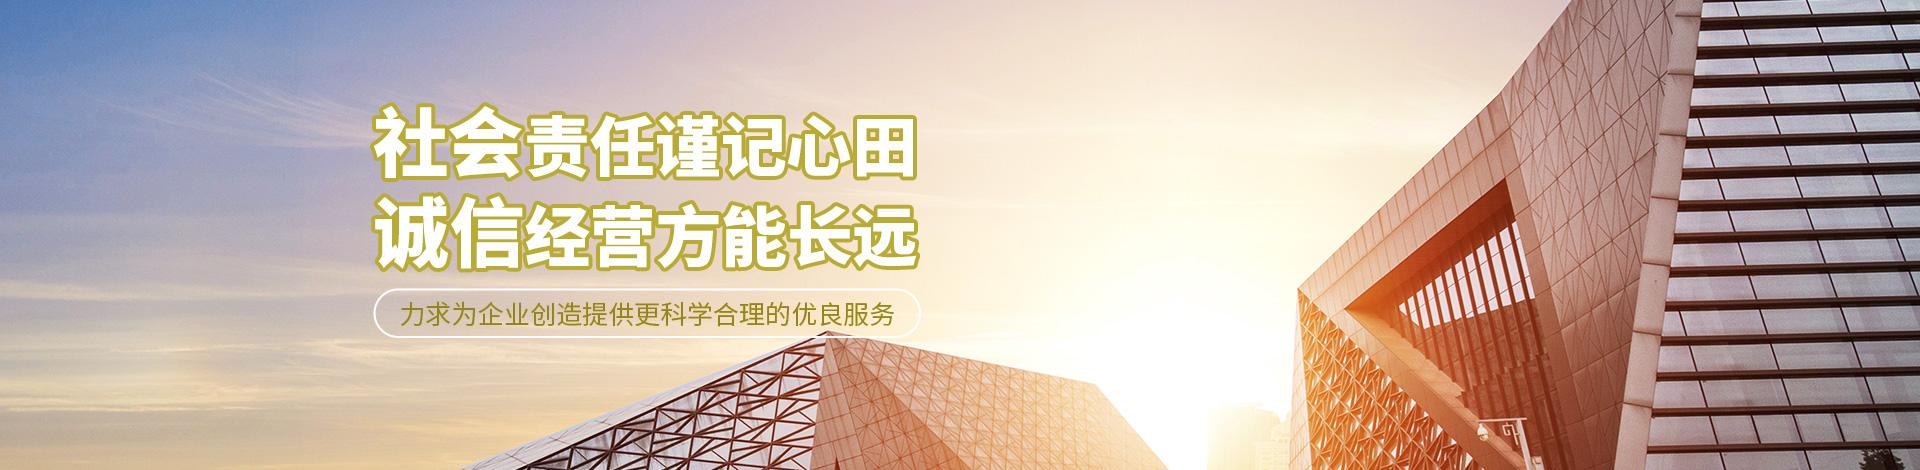 深圳市明为电子有限公司